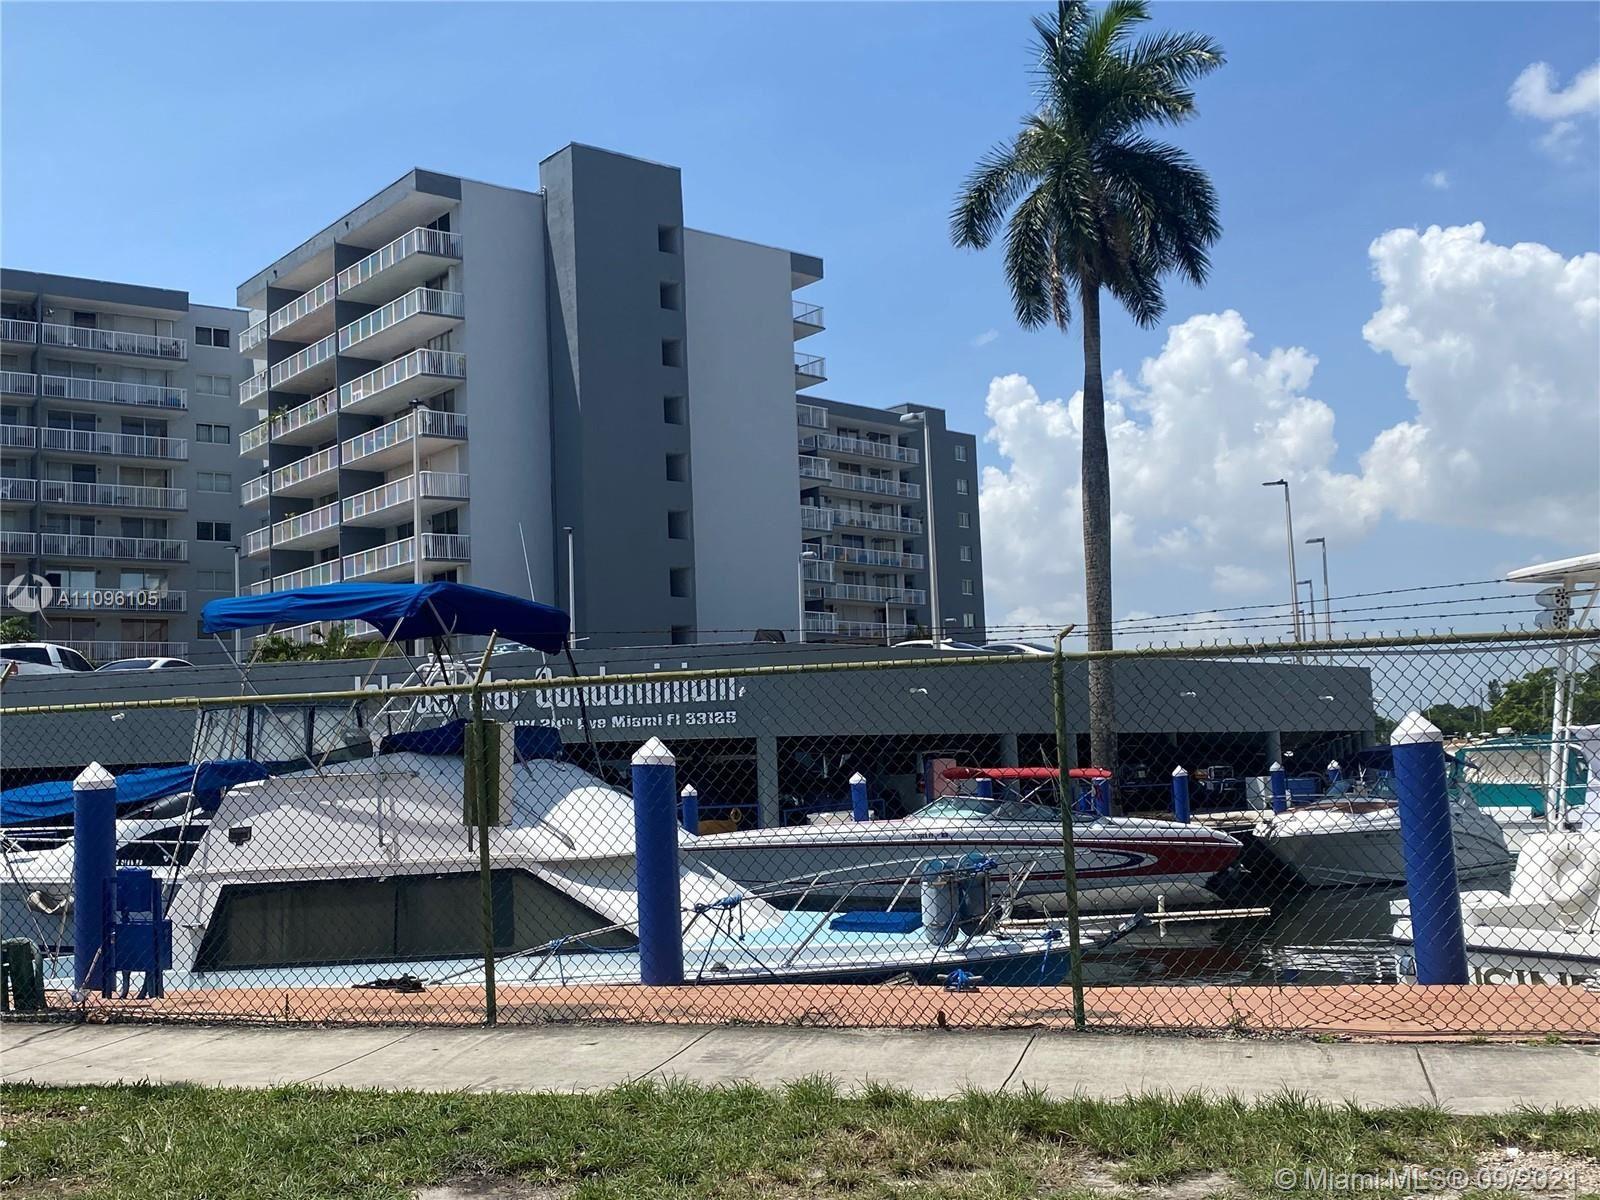 1800 NW 24 Ave #301, Miami, FL 33125 - #: A11096105